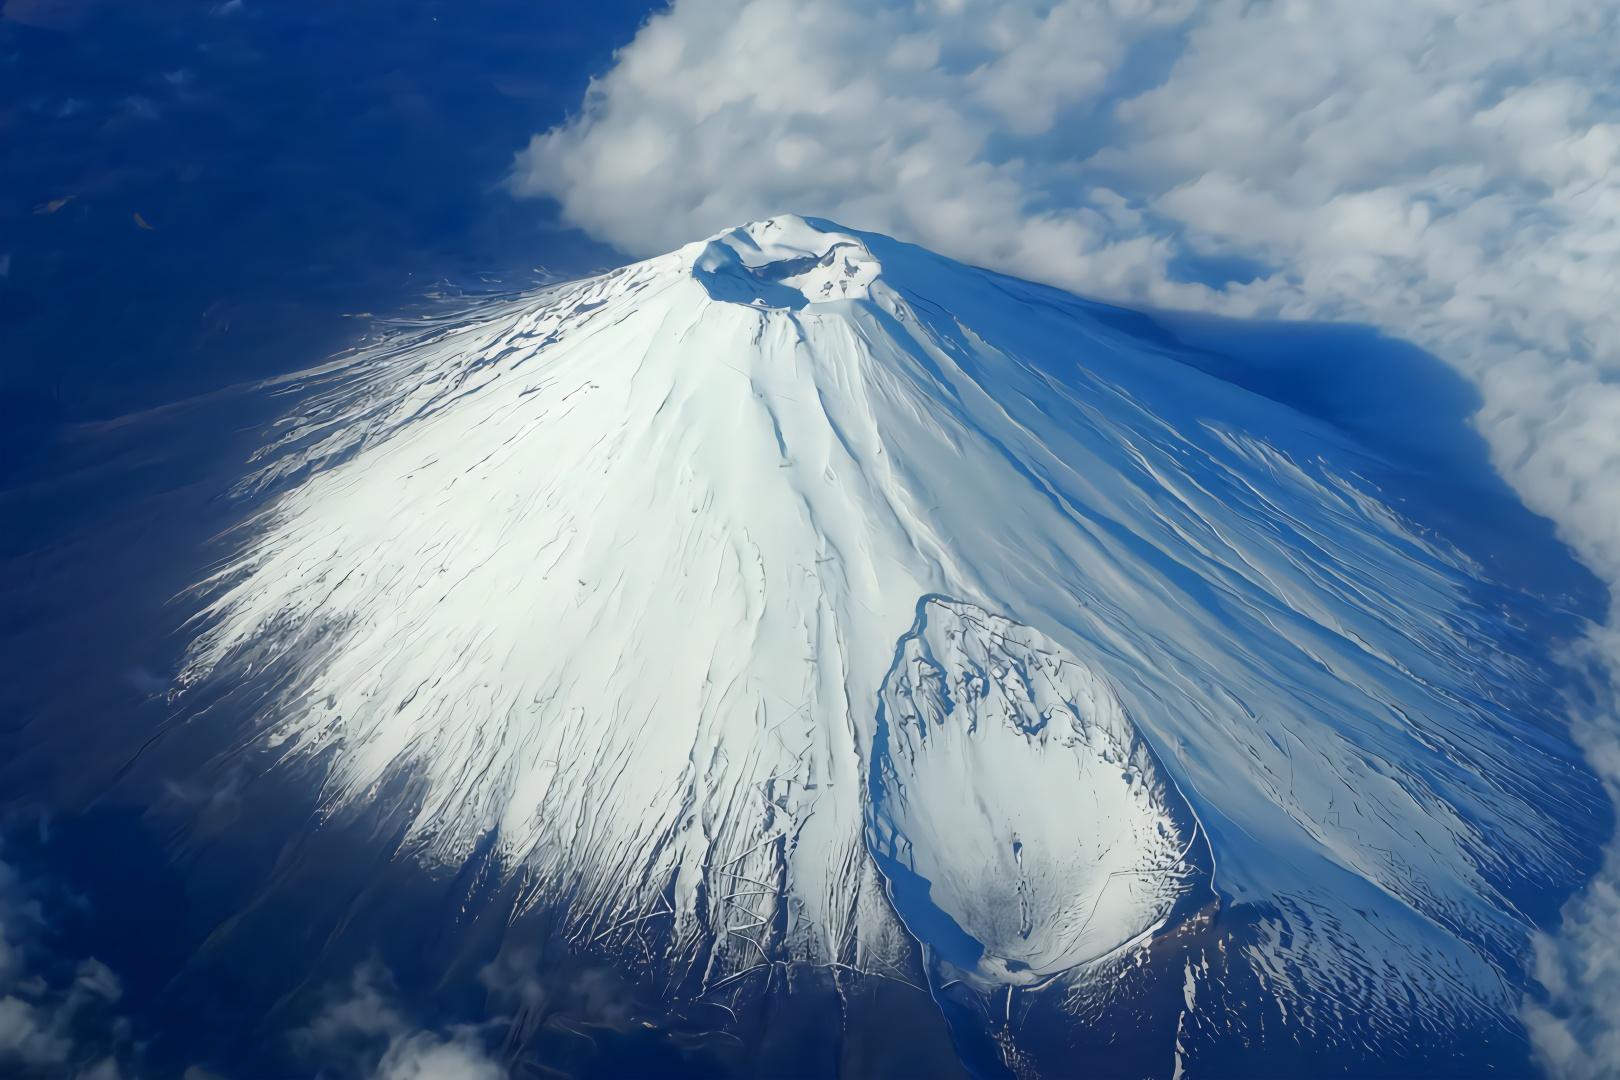 如果富士山这座火山喷发,会对日本造成多大的影响?